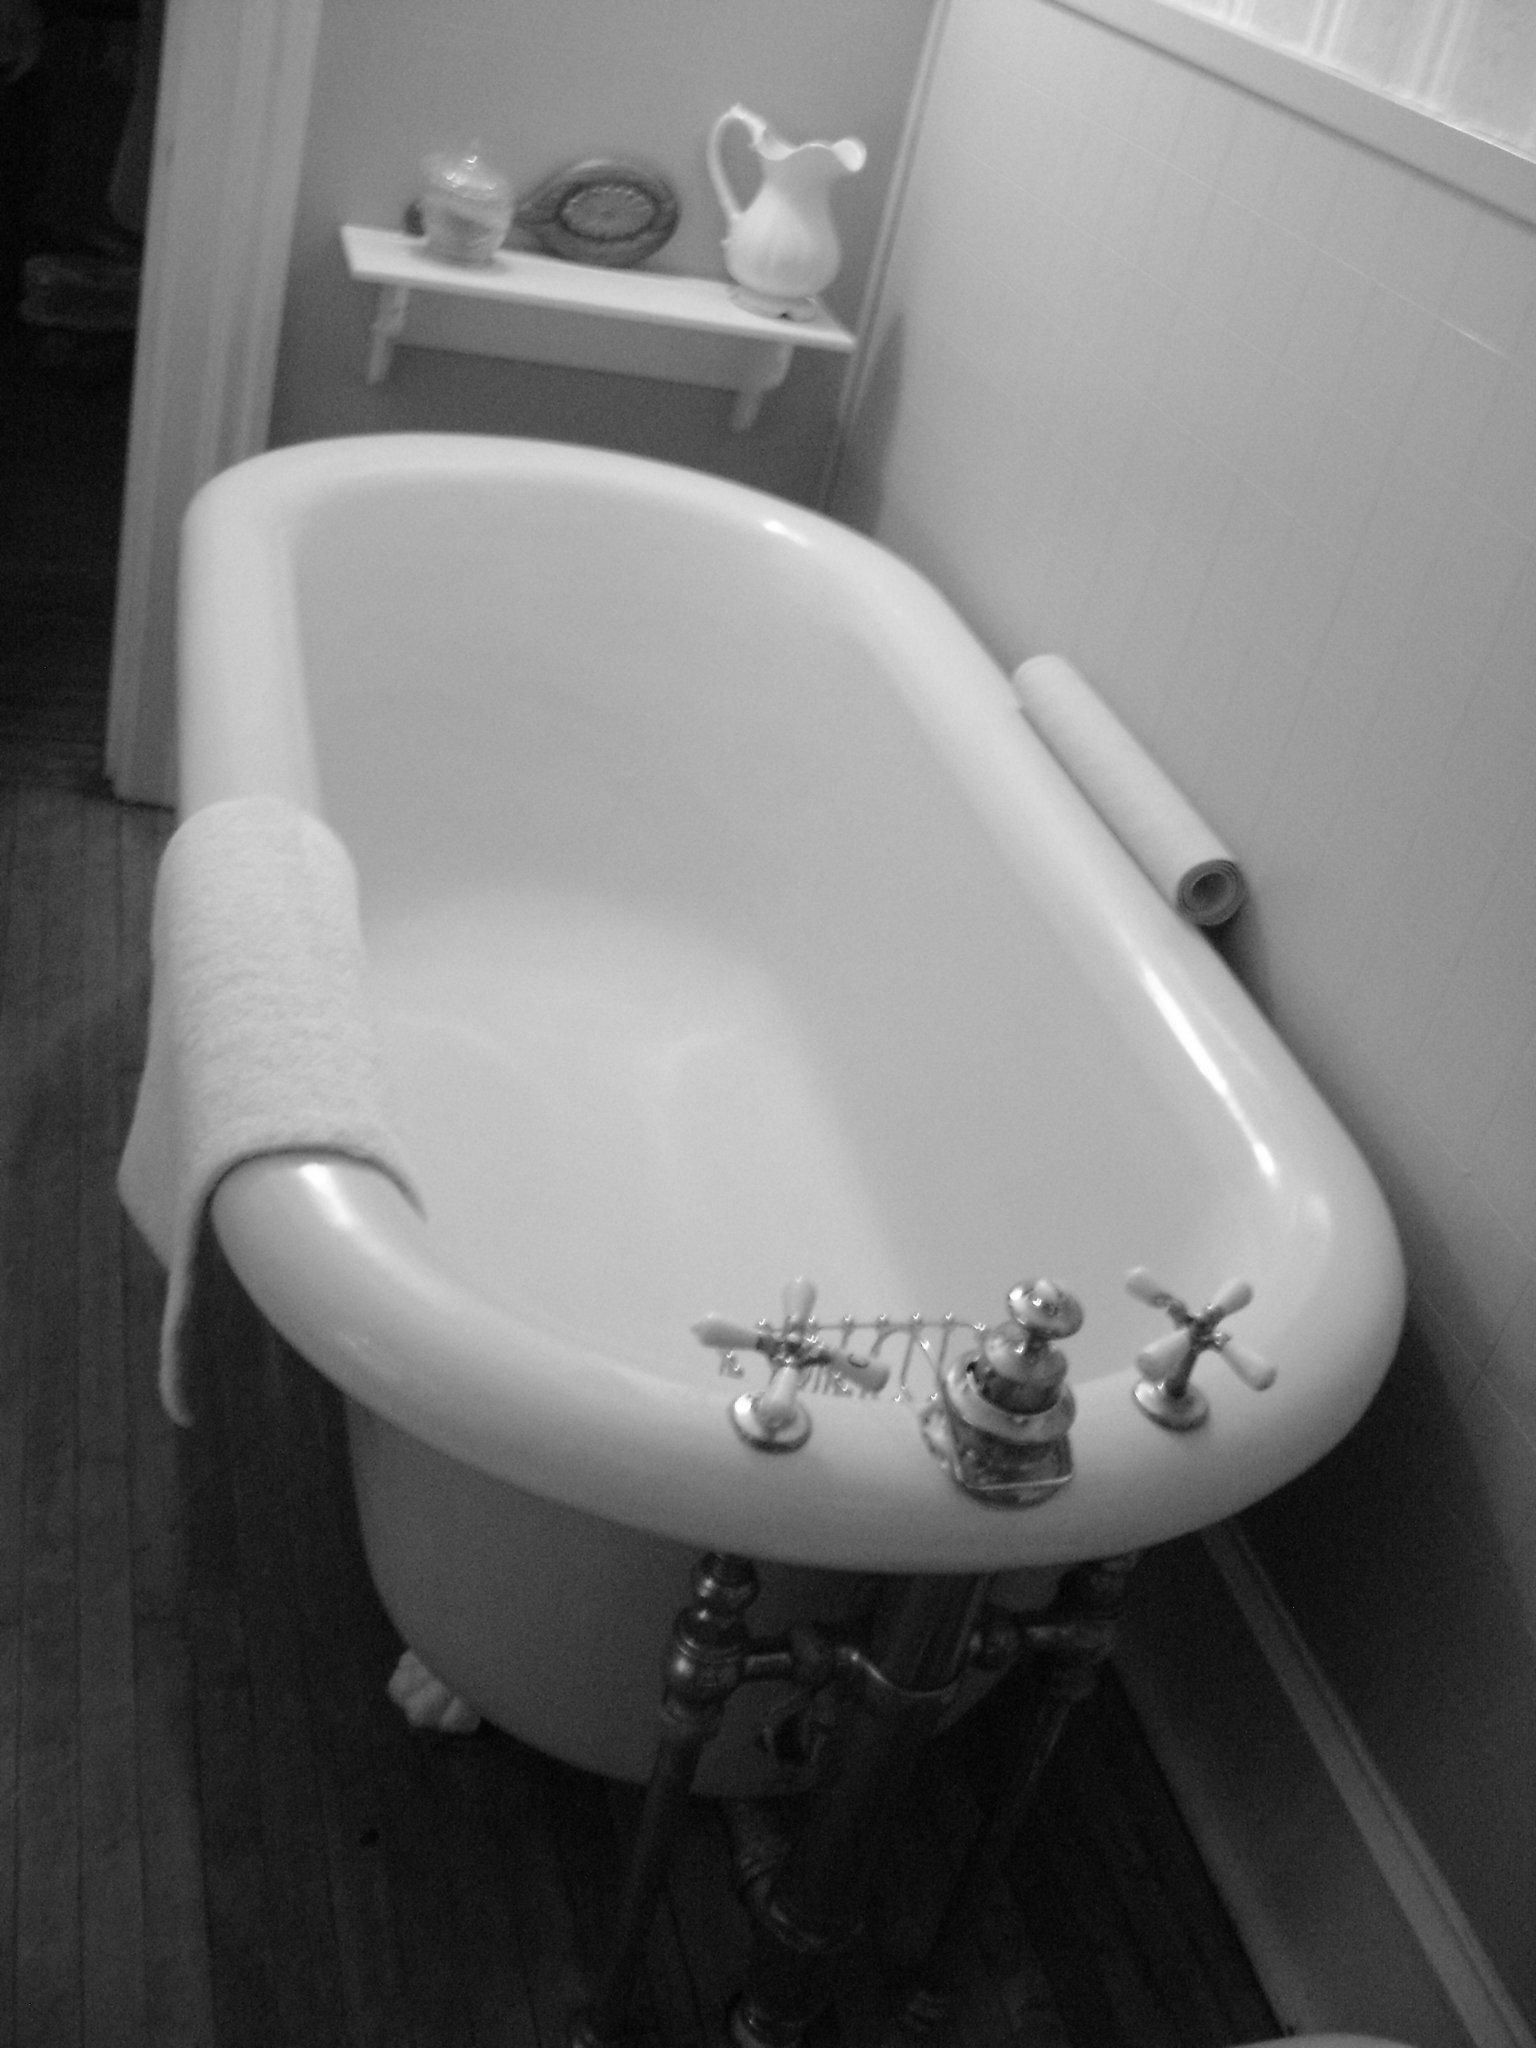 file nineteenth century bathtub. Black Bedroom Furniture Sets. Home Design Ideas